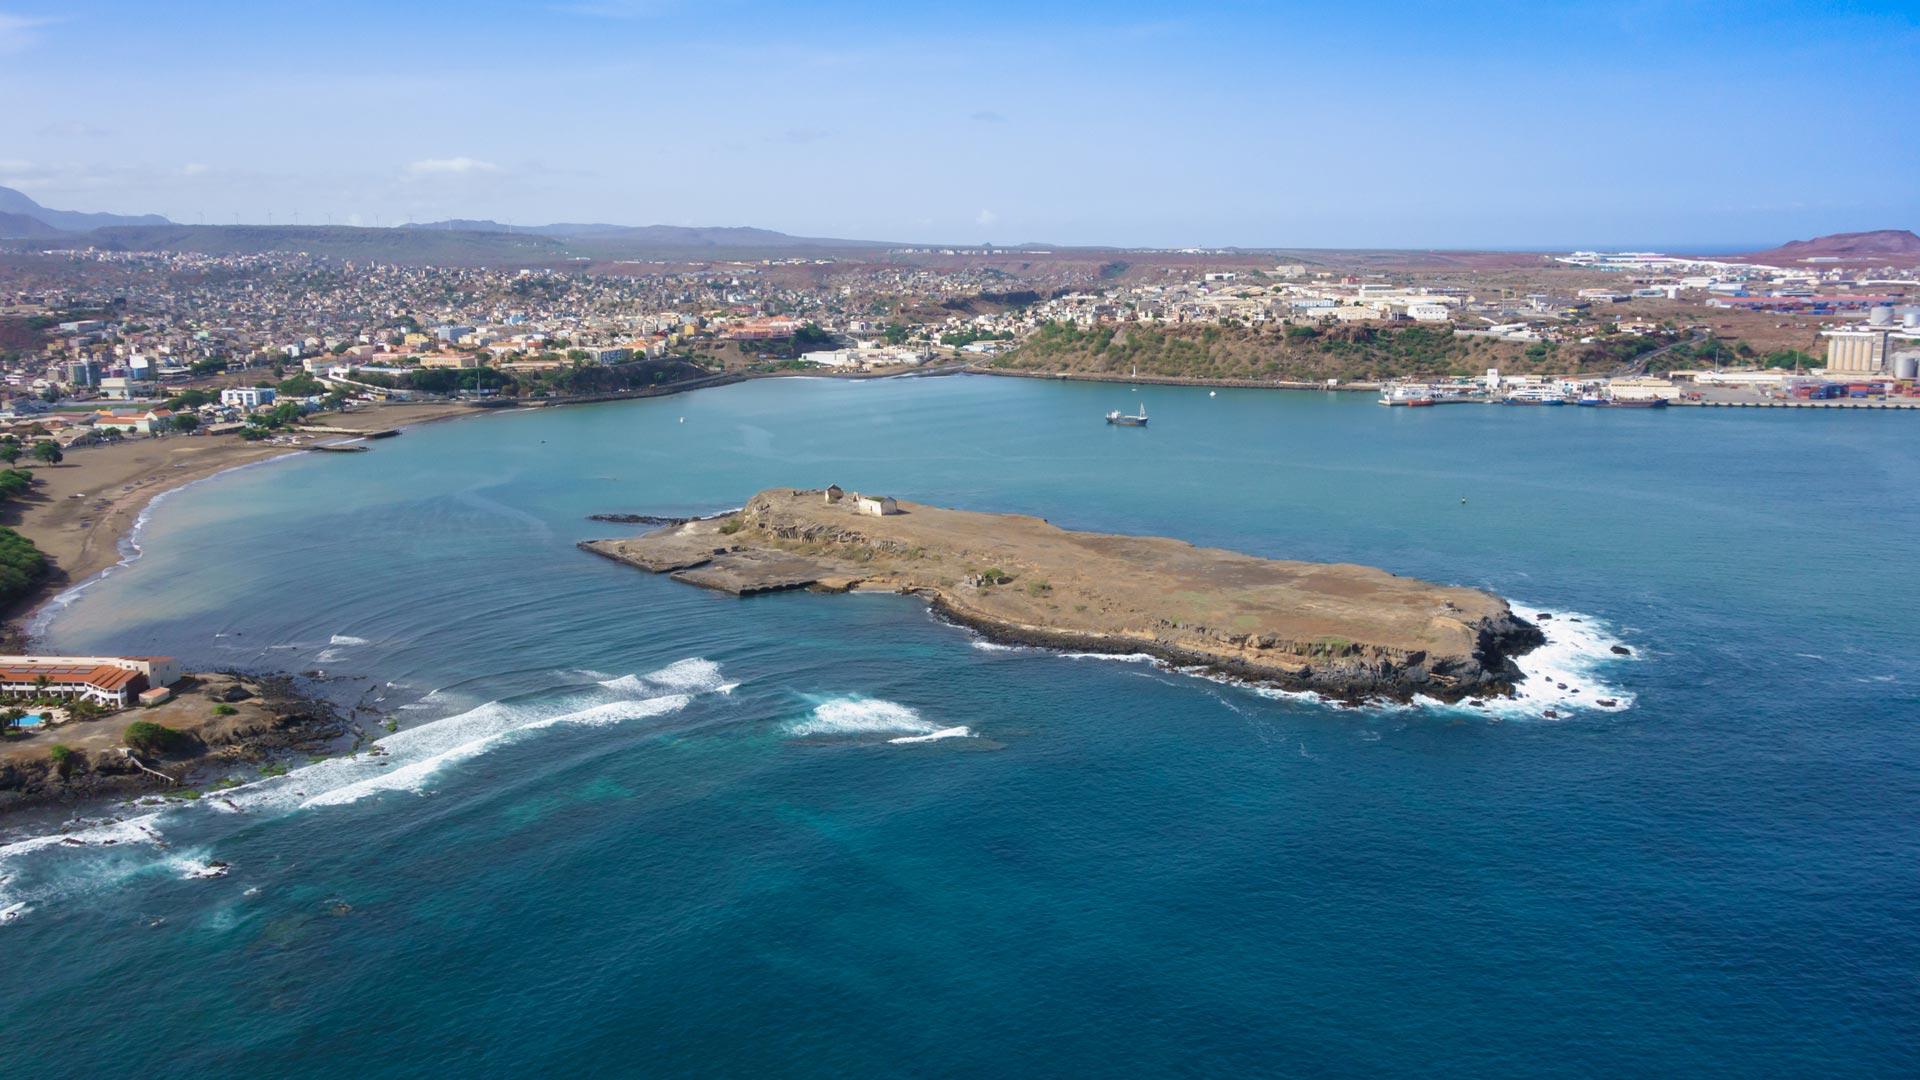 Capitale de l'île de Santiago et surtout l'archipel du Cap-Vert, Praia est la plus grande ville du pays mais aussi la plus peuplée, à ne pas manquer le marché africain de Sucupira